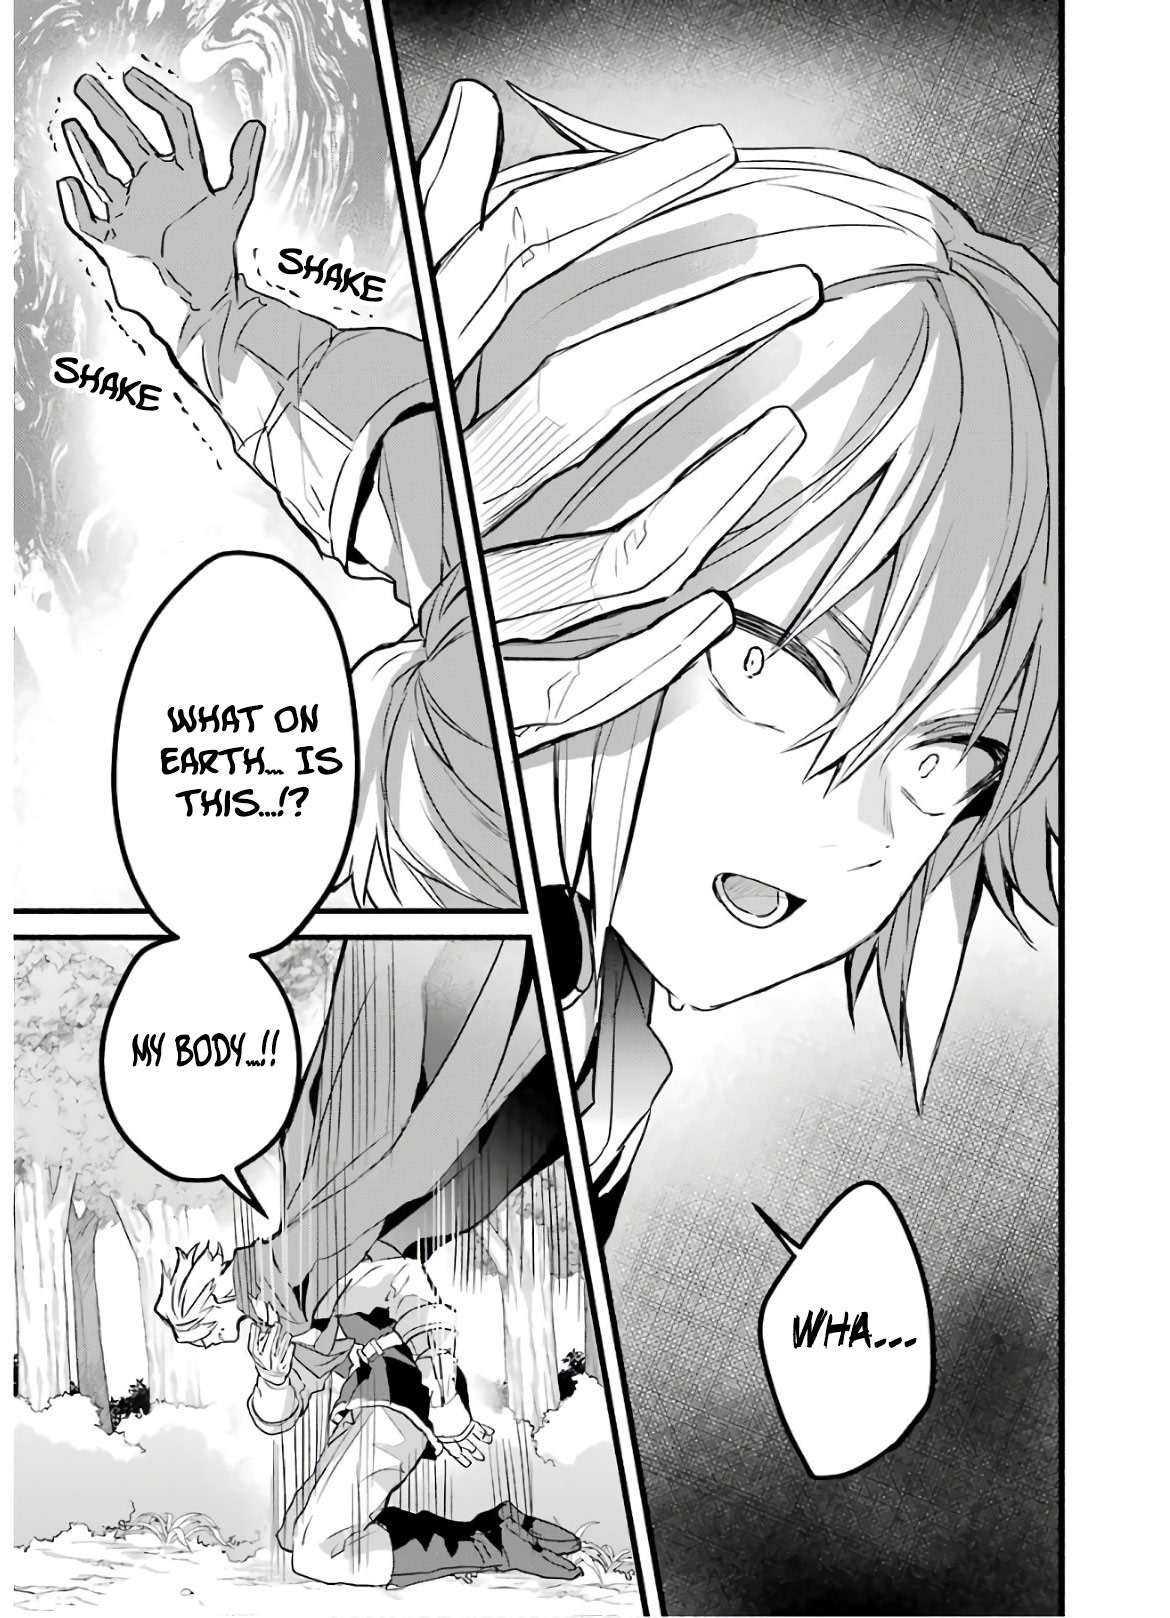 Yuusha Party wo Tsuihou Sareta Beast Tamer, Saikyou Shuzoku Nekomimi Shojo to Deau - chapter 24-eng-li